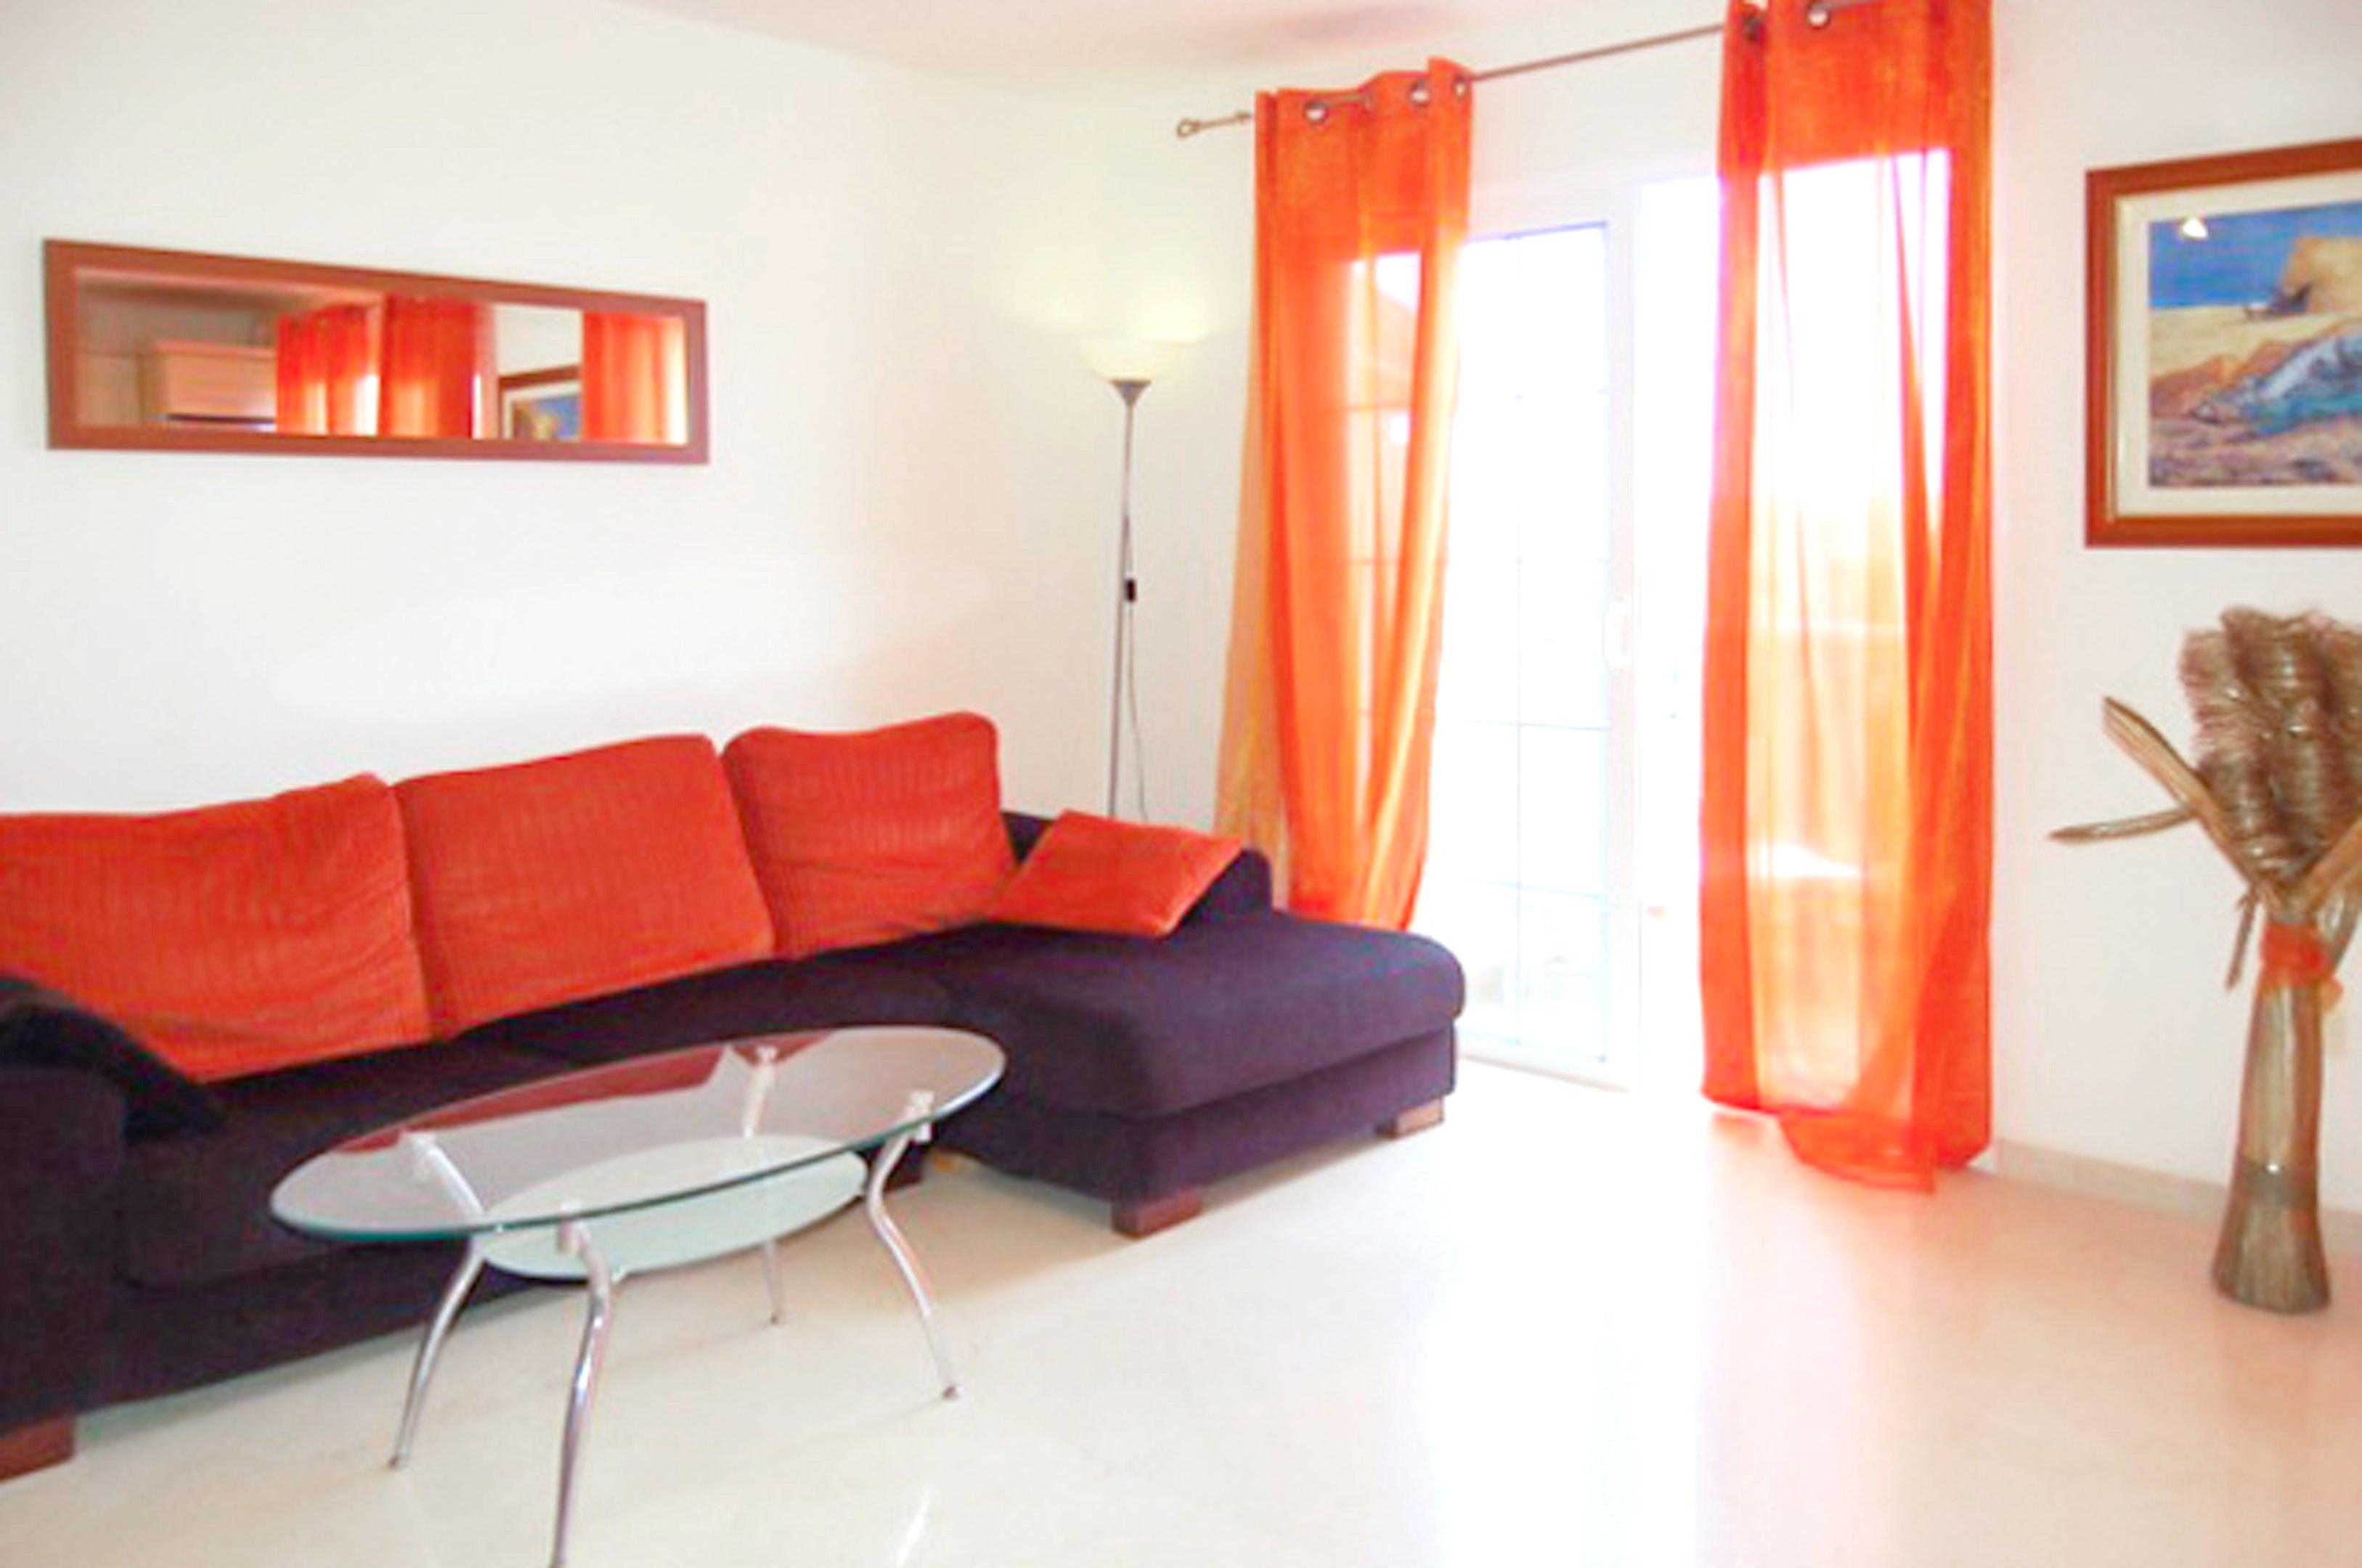 Appartement de vacances Wohnung mit 2 Schlafzimmern in Palm-Mar mit Pool, möblierter Terrasse und W-LAN - 800 m vo (2201692), Palm-Mar, Ténérife, Iles Canaries, Espagne, image 5